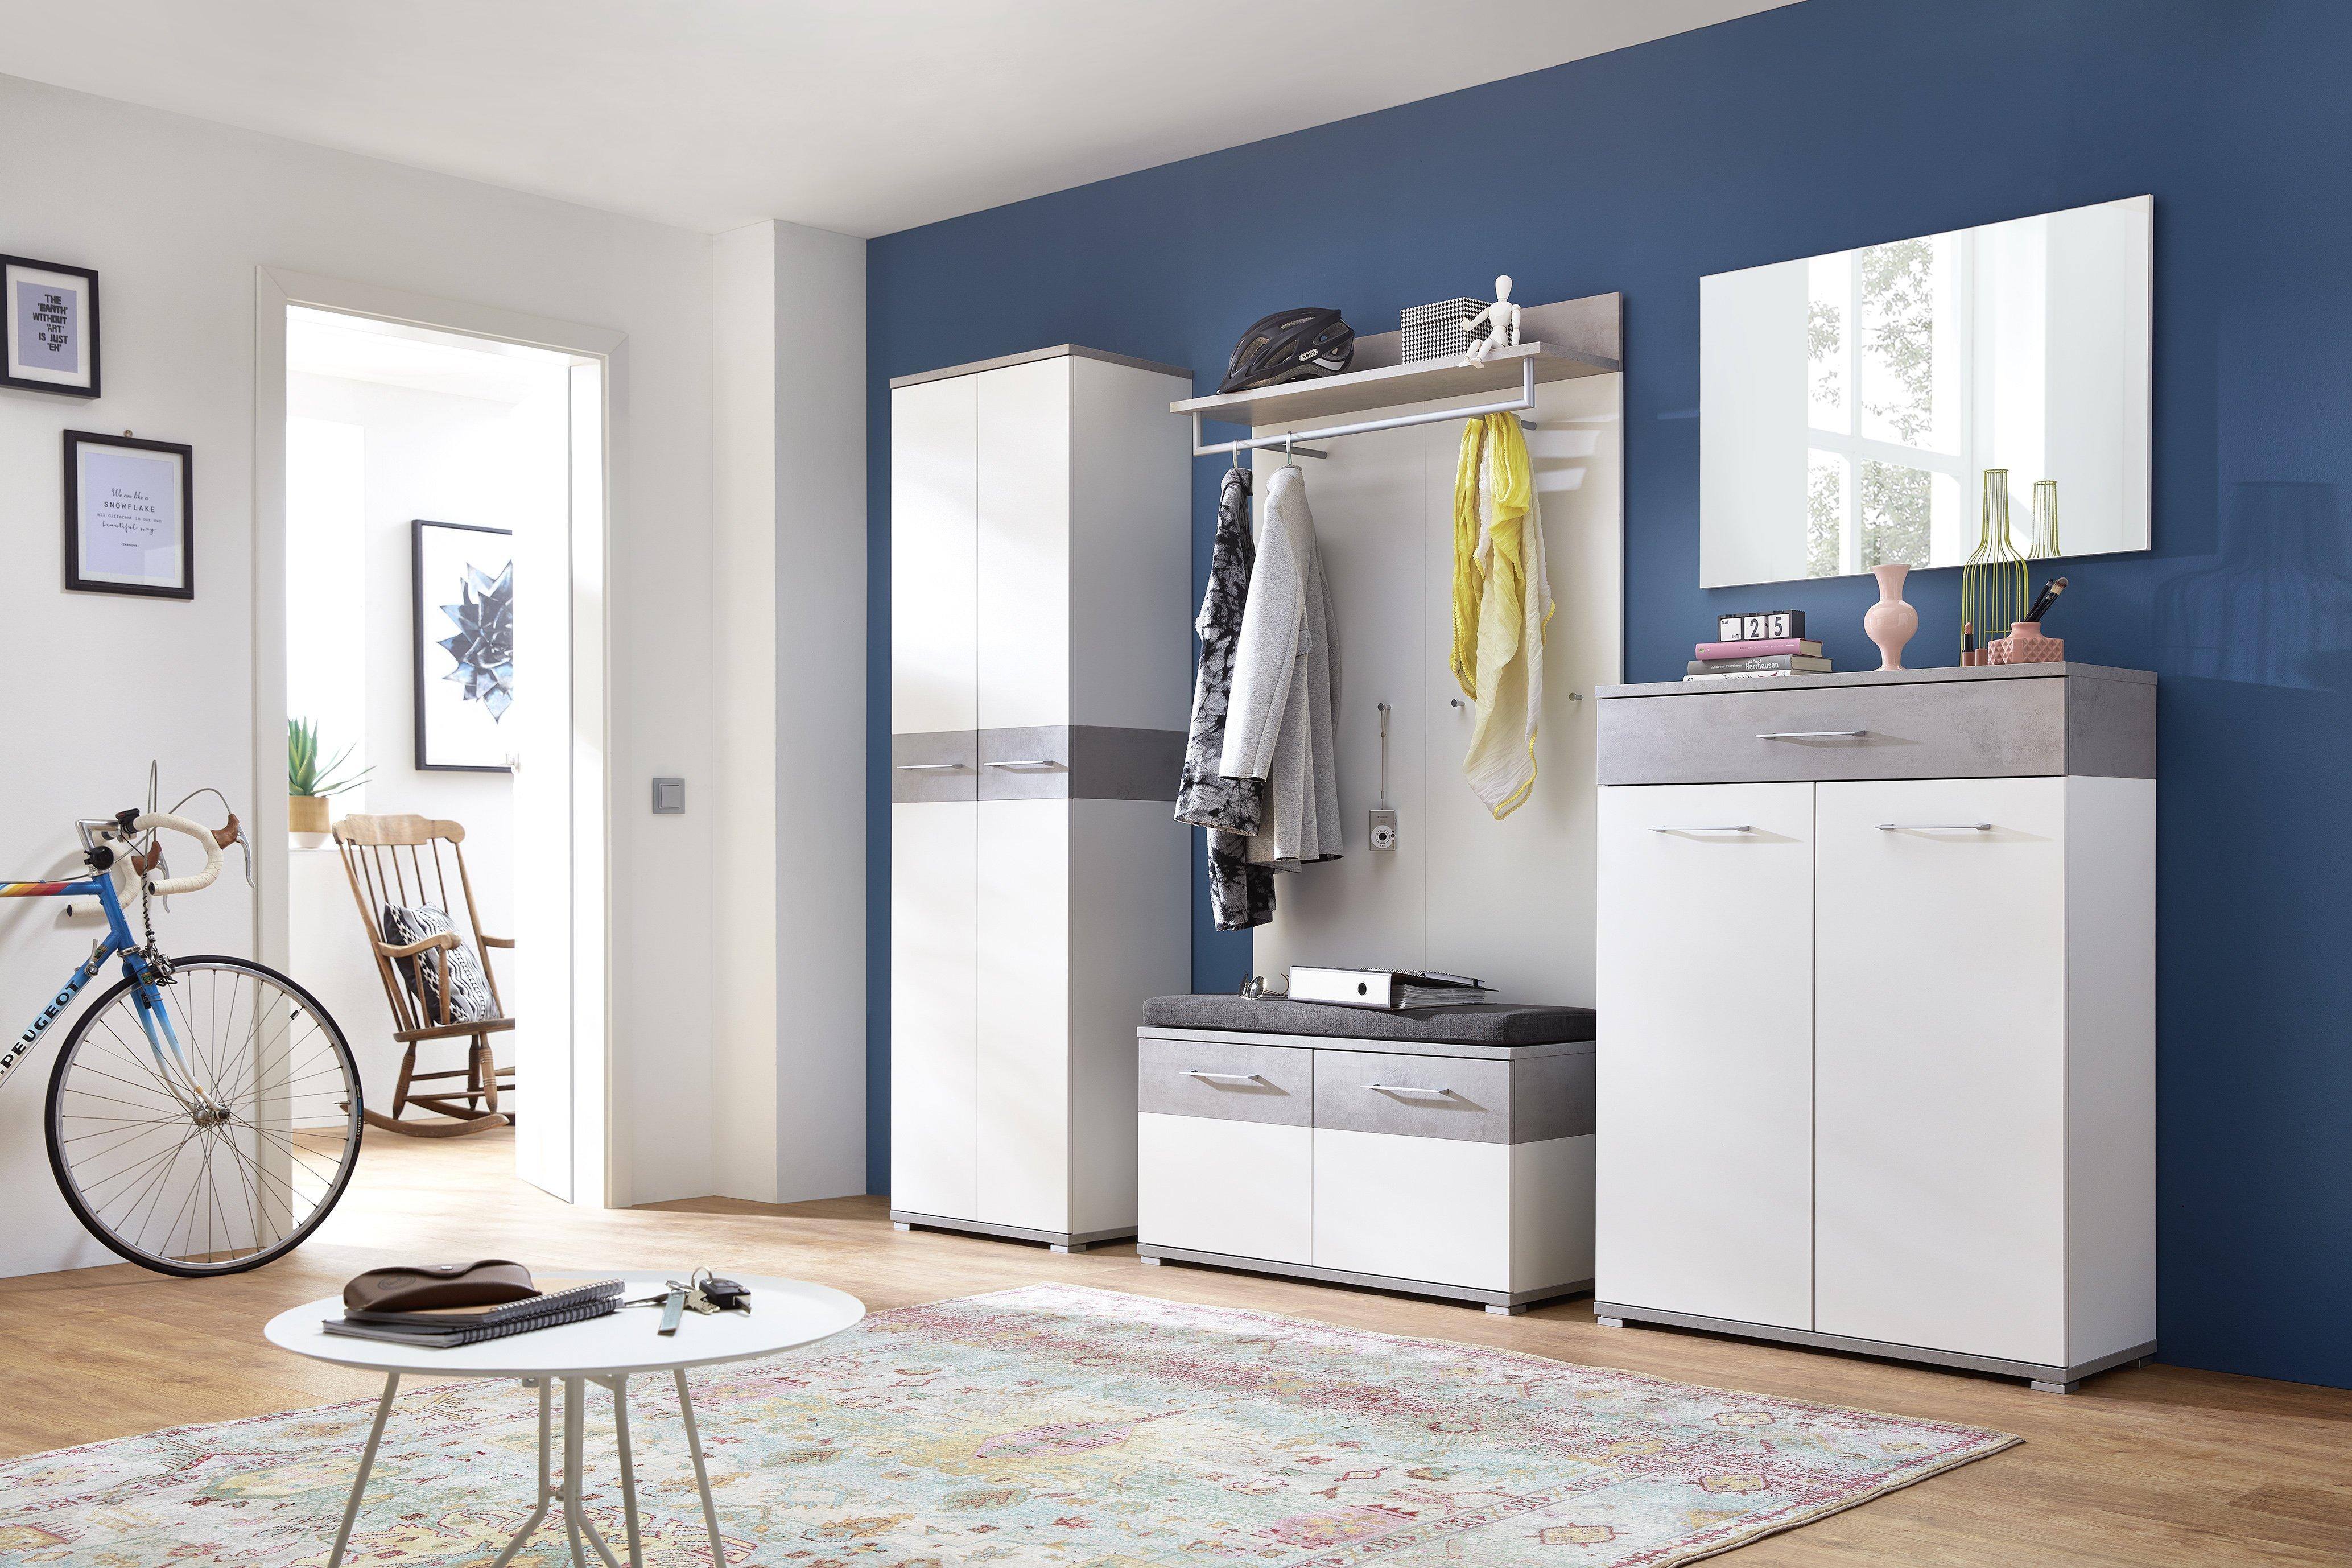 GW-Topix Garderobenschrank 3774, Weiß/Beton-Optik, Spanplatte | melaminharzbeschichtet